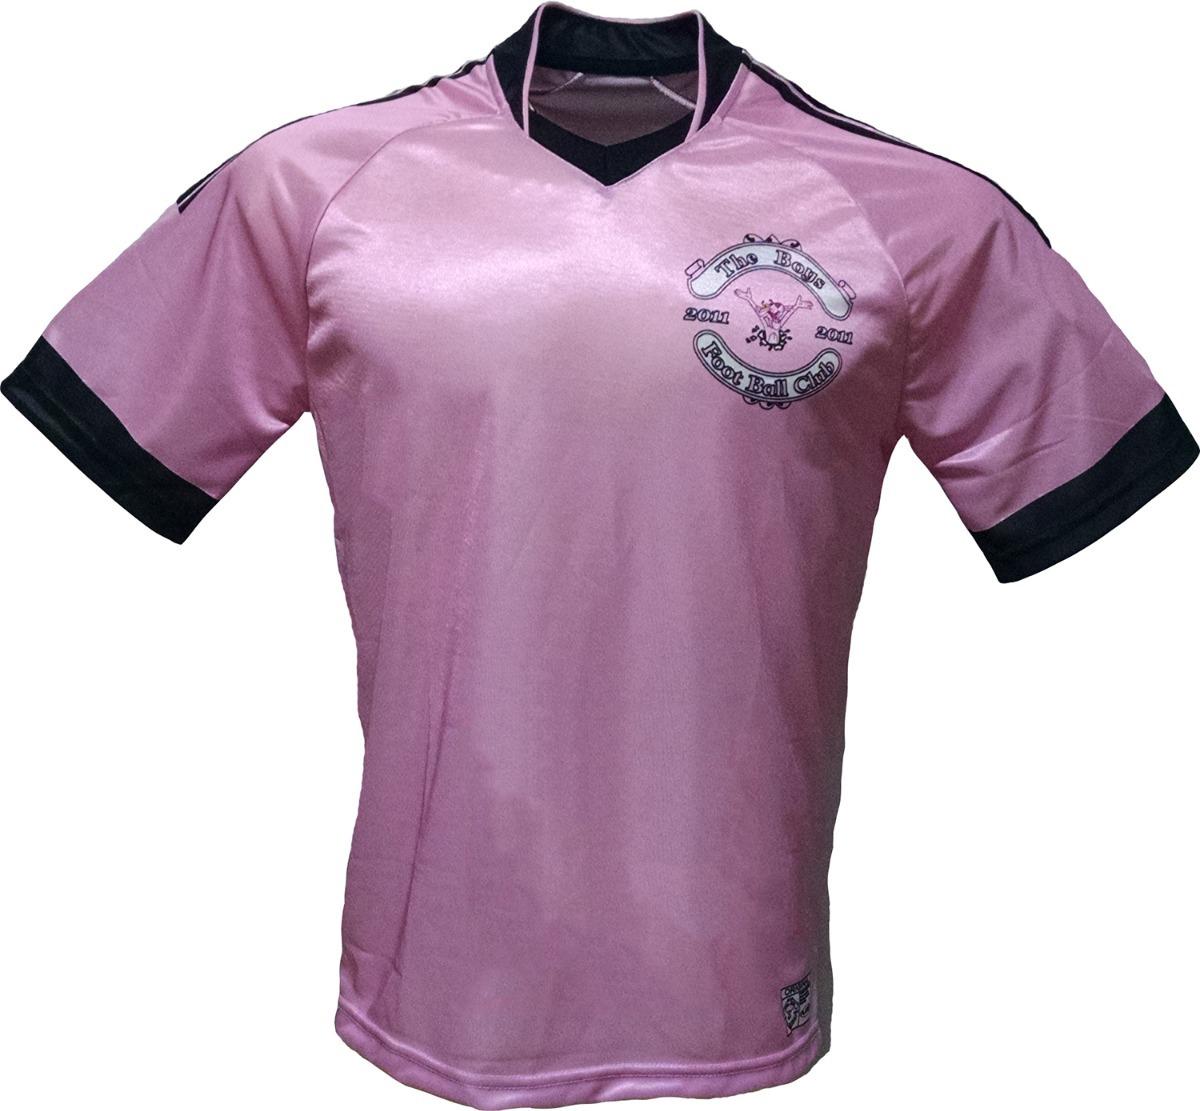 c08b1fc79e 15 camisa futebol personalizado time uniforme fardamento. Carregando zoom.